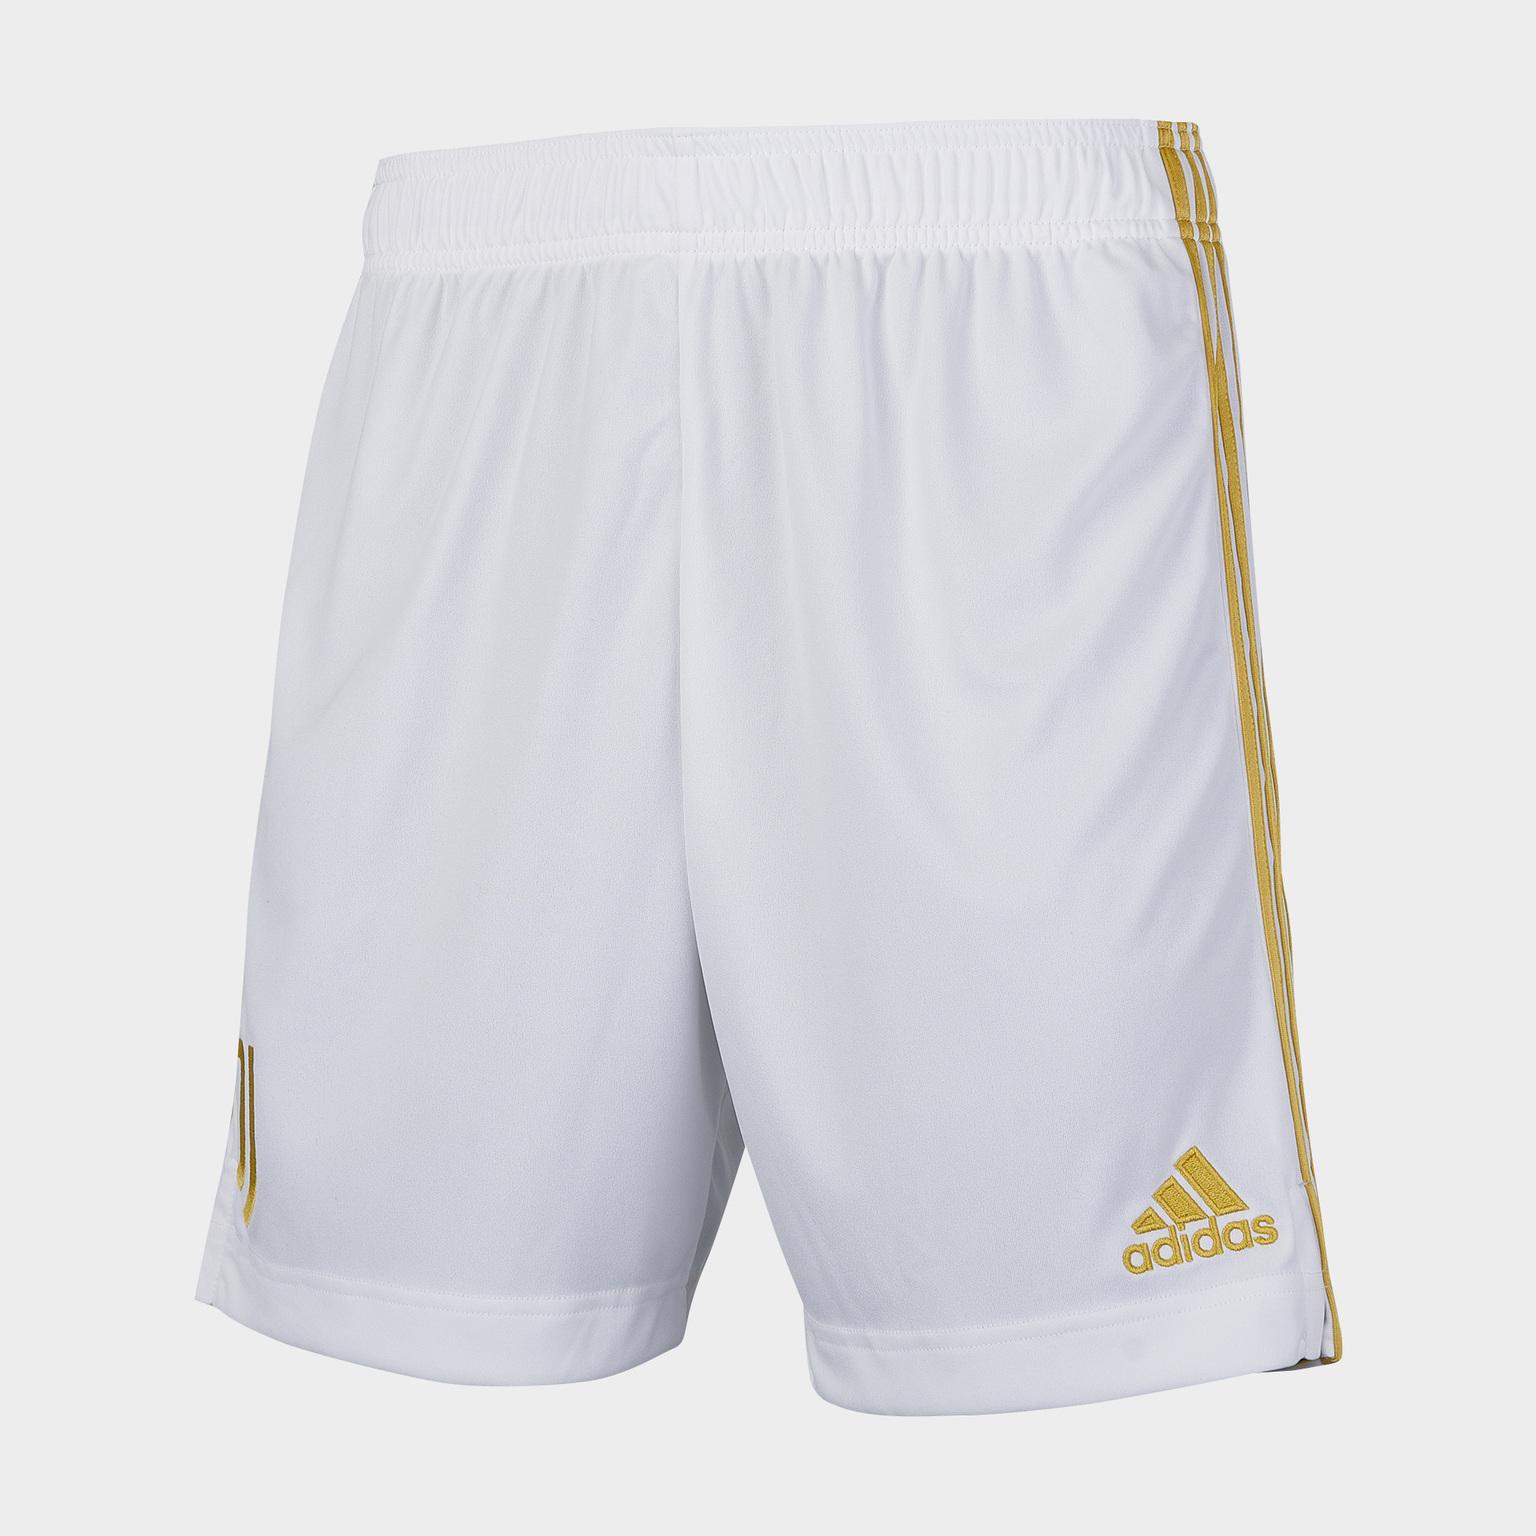 Фото - Шорты игровые домашние Adidas Juventus сезон 2020/21 шорты домашние oysho oysho ix001xw0075y